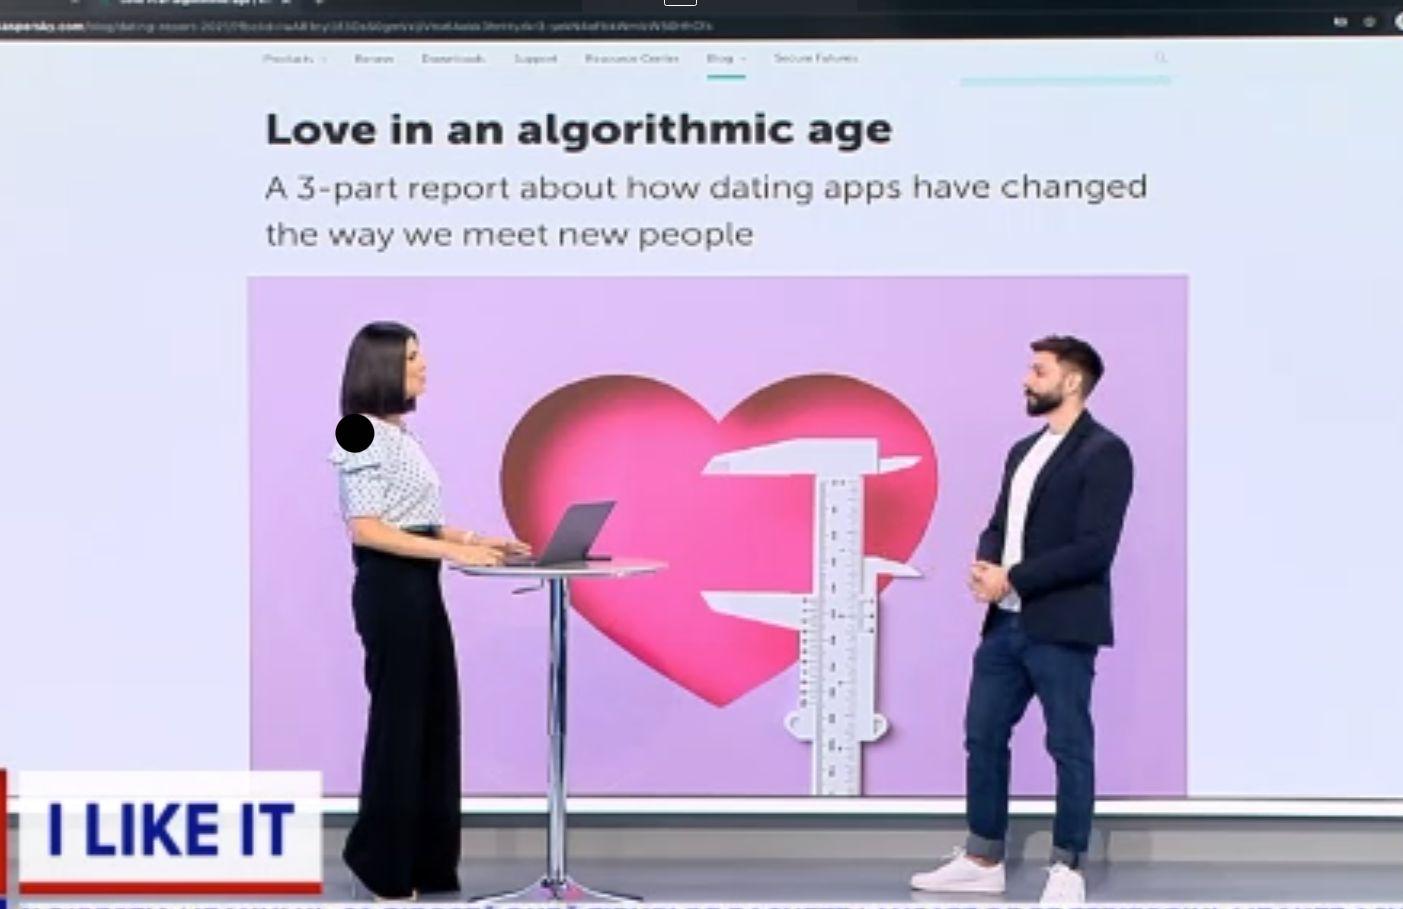 ILikeIT. Inteligența artificială și rolul ei în aplicațiile de dating. E tot mai ușor să găsești online persoana potrivită